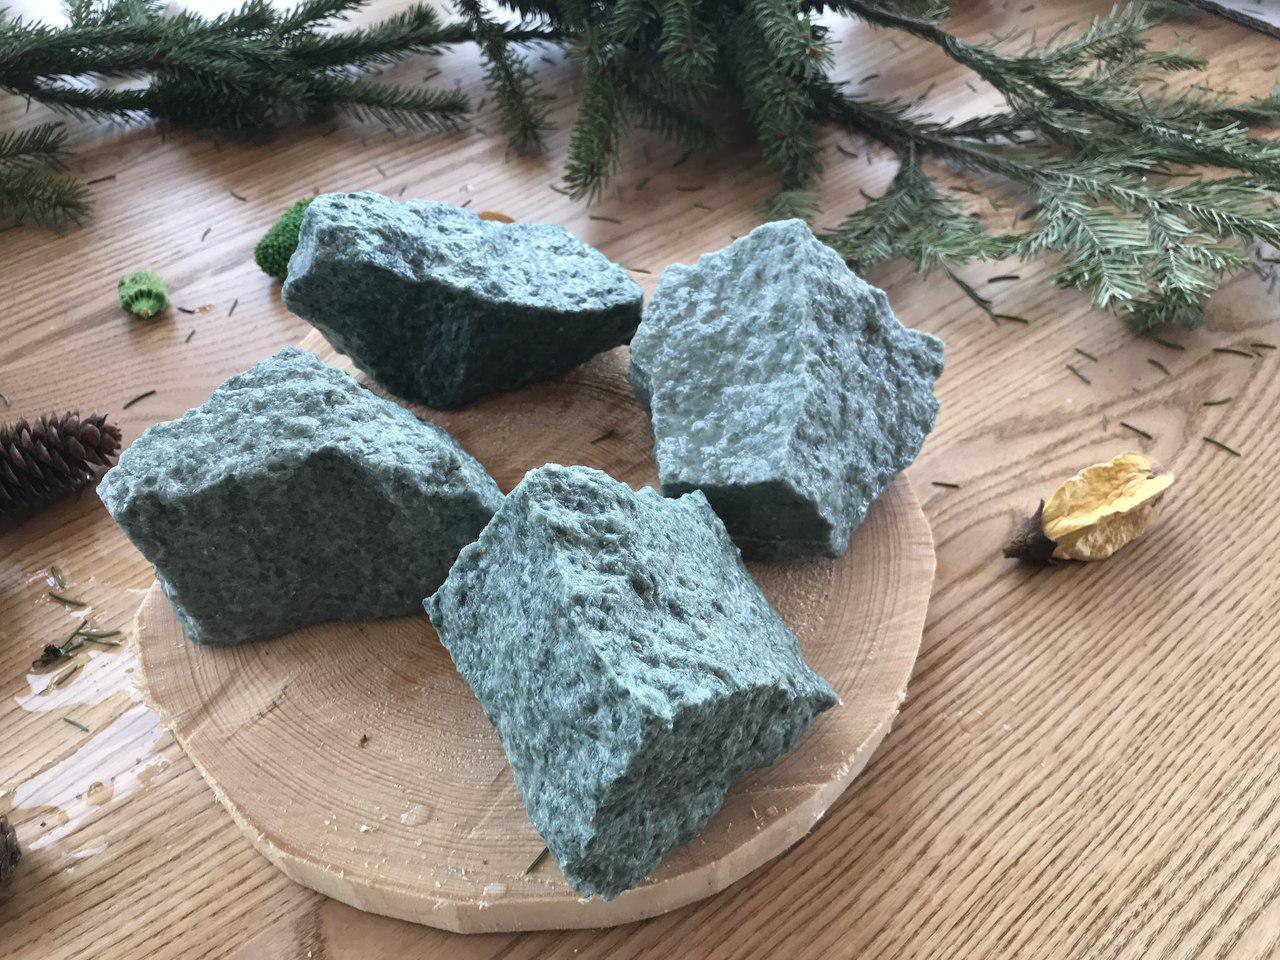 Камень жадеит для бани - магические свойства камня